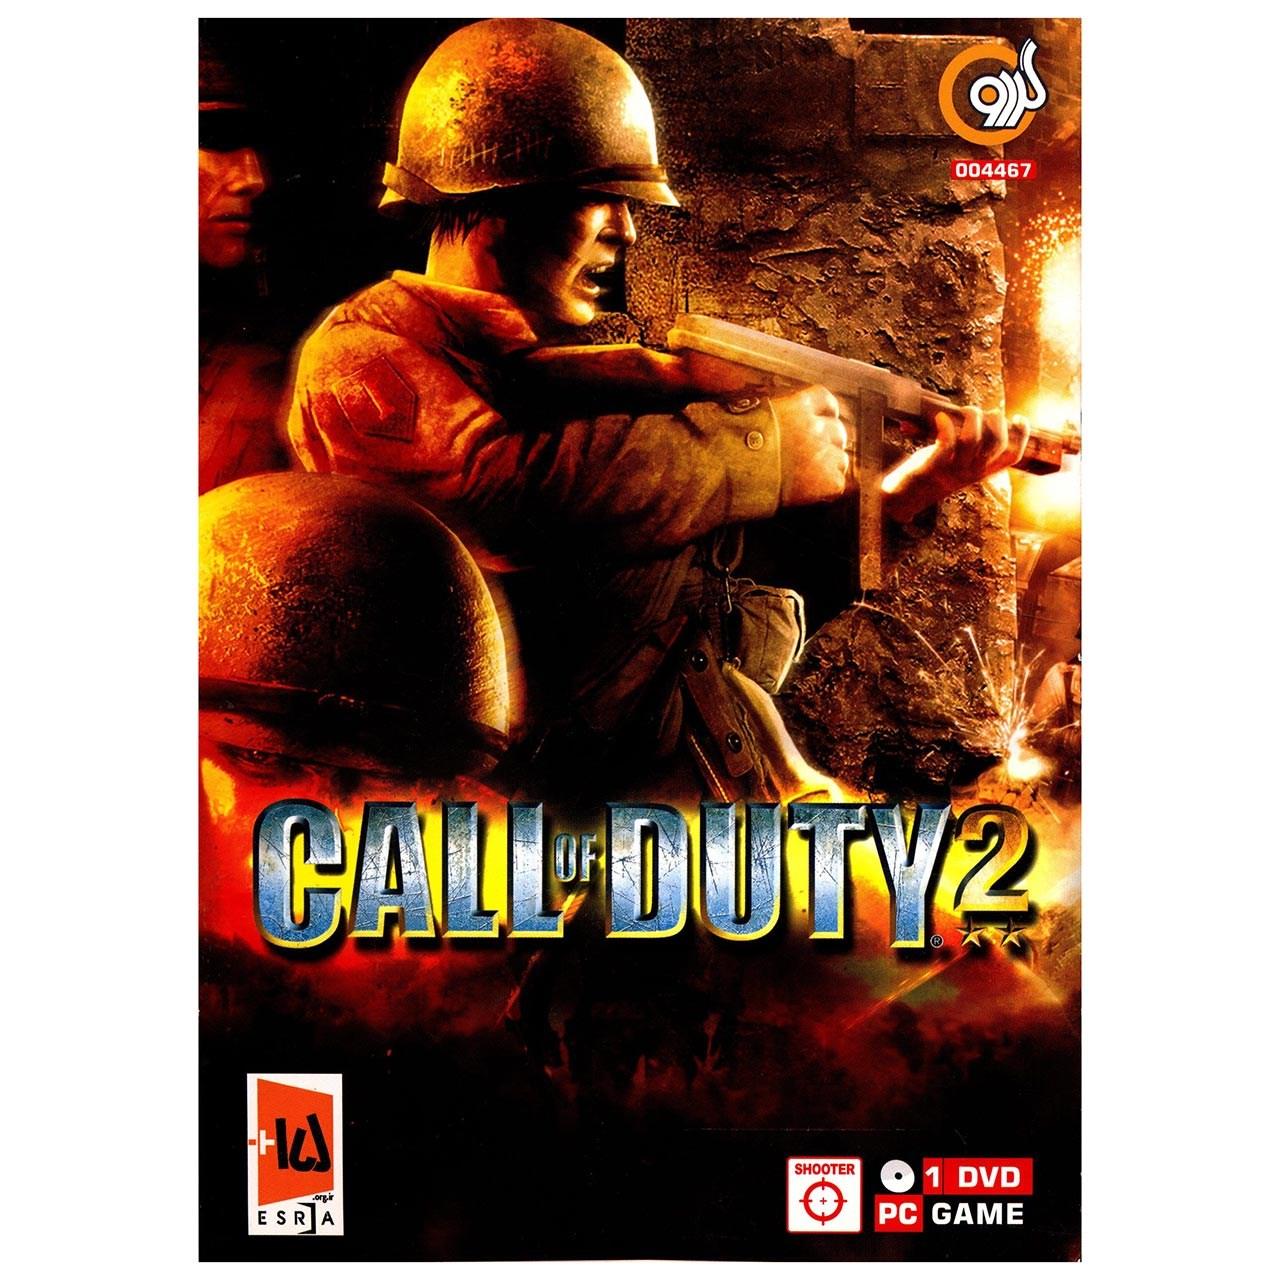 خرید اینترنتی بازی کامپیوتری Call of Duty 2 مخصوص PC اورجینال